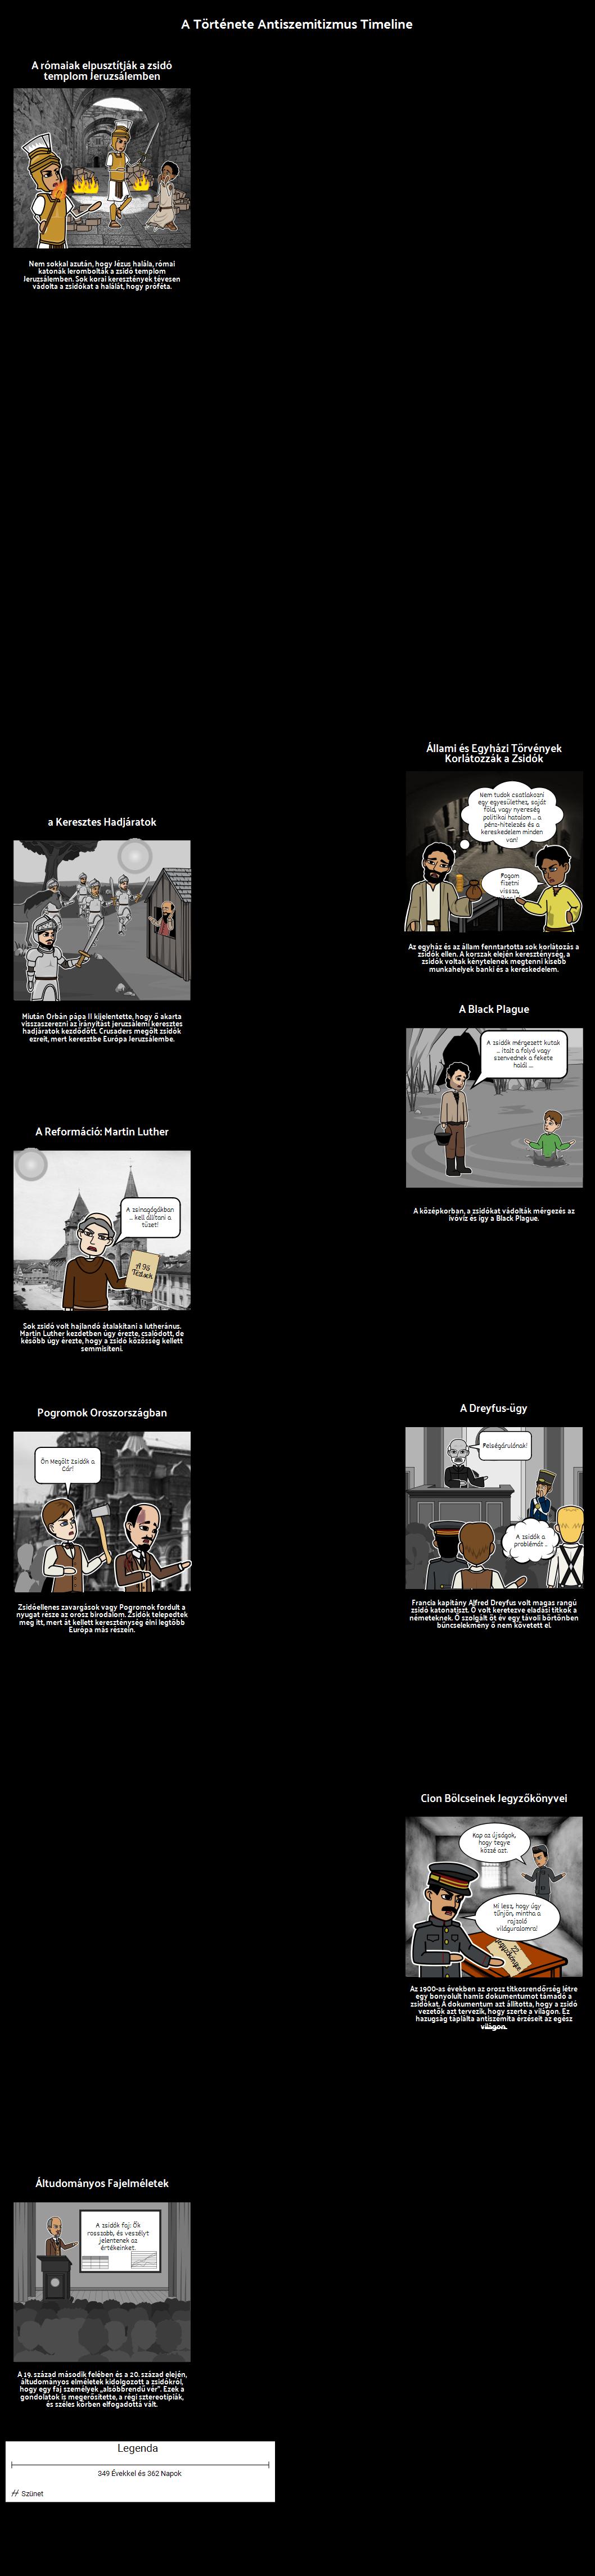 A Története a Holokauszt - Története Antiszemitizmus